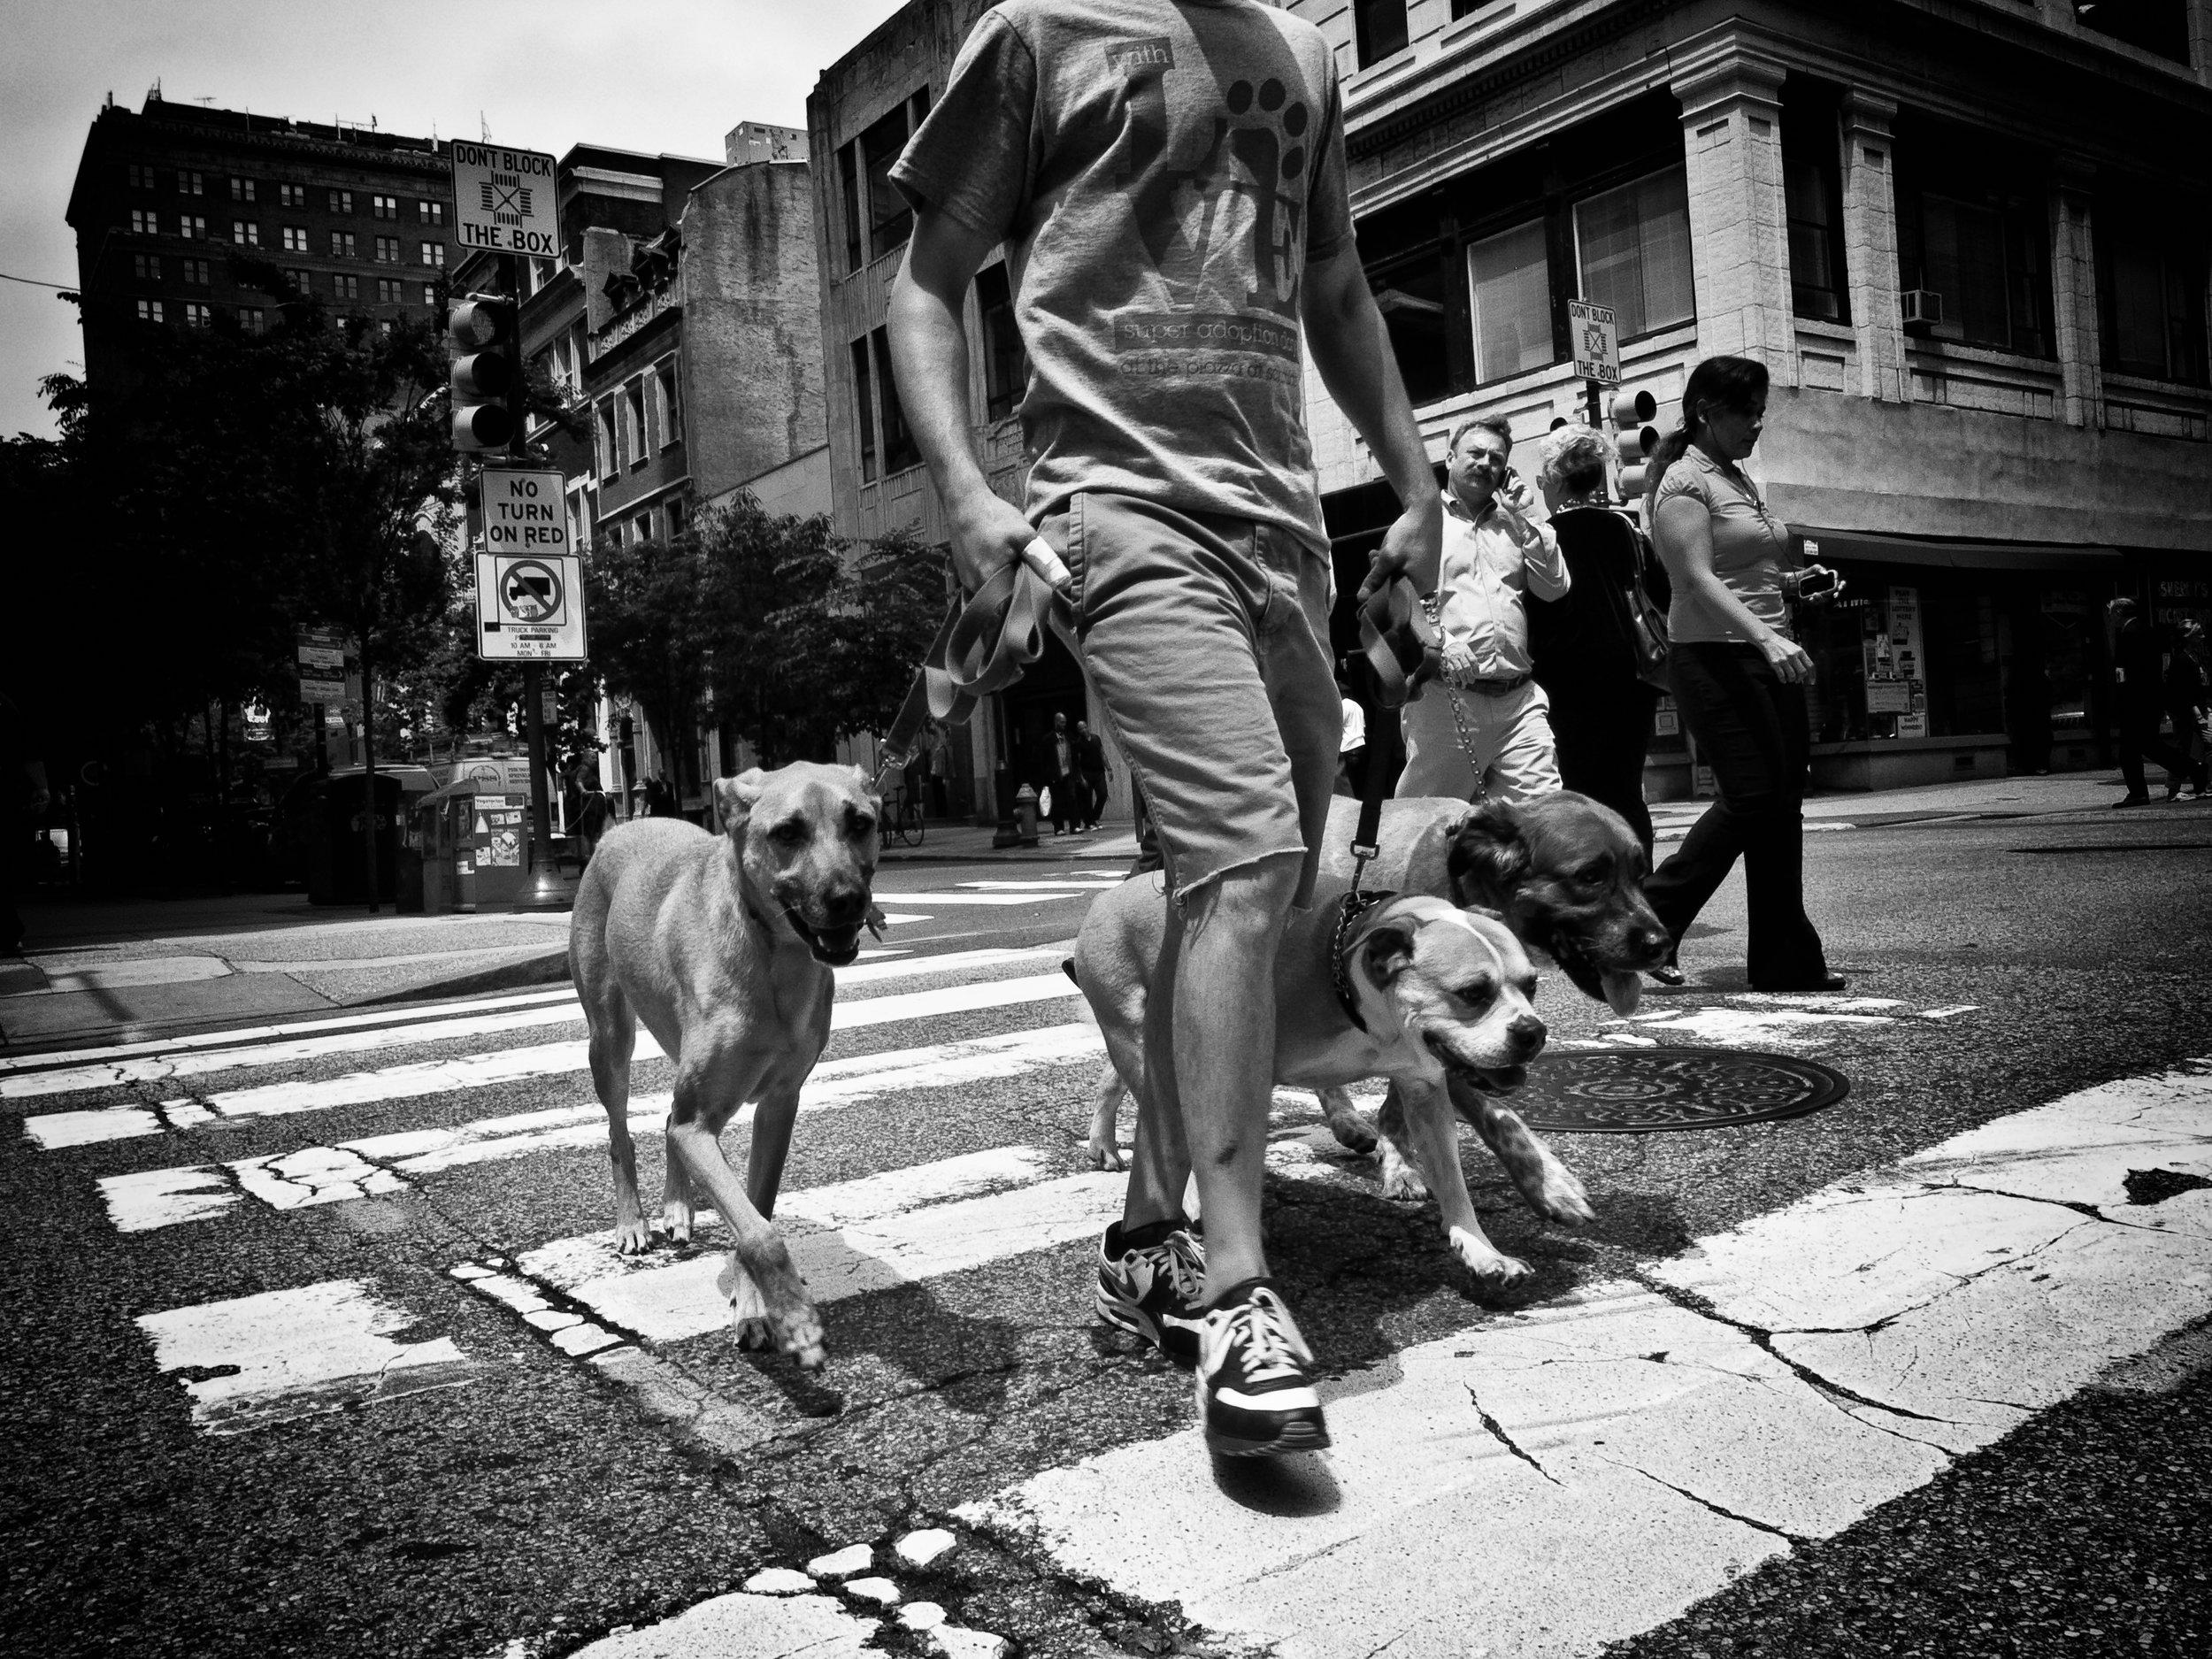 Photo By : David Oakill